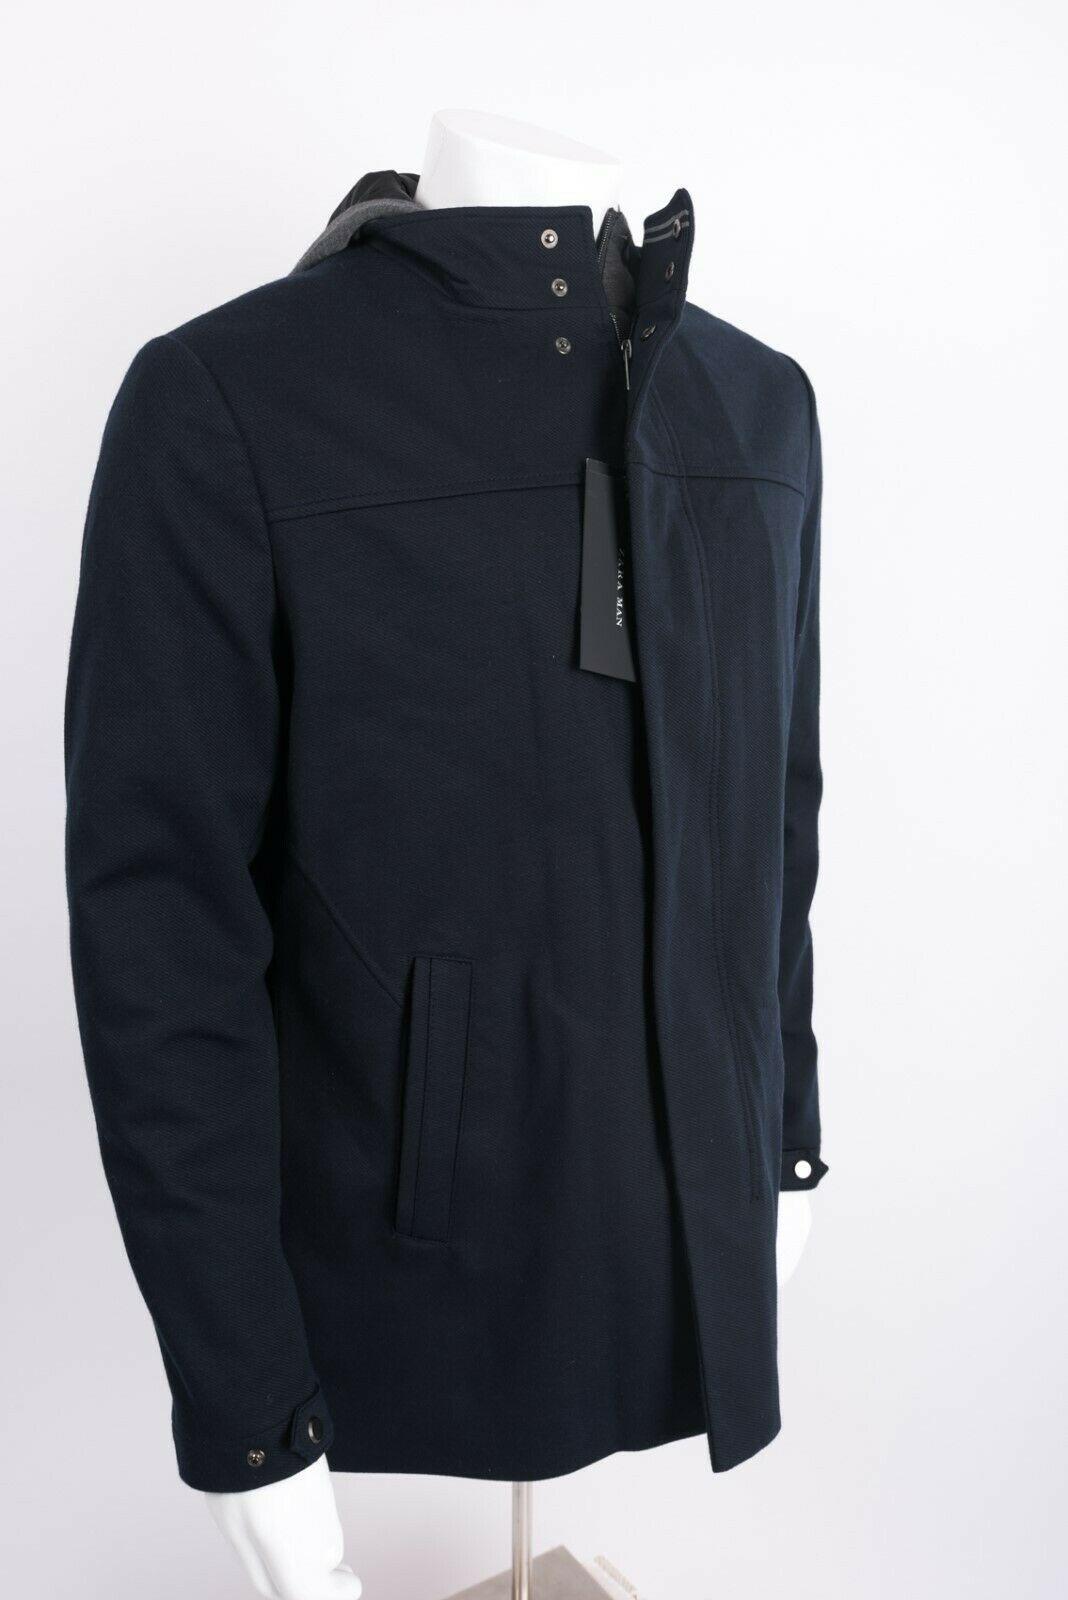 Zara Man Mens Jacket Coat Blazer Removeable Interior Navy Blue Gray Hooded NWT image 6